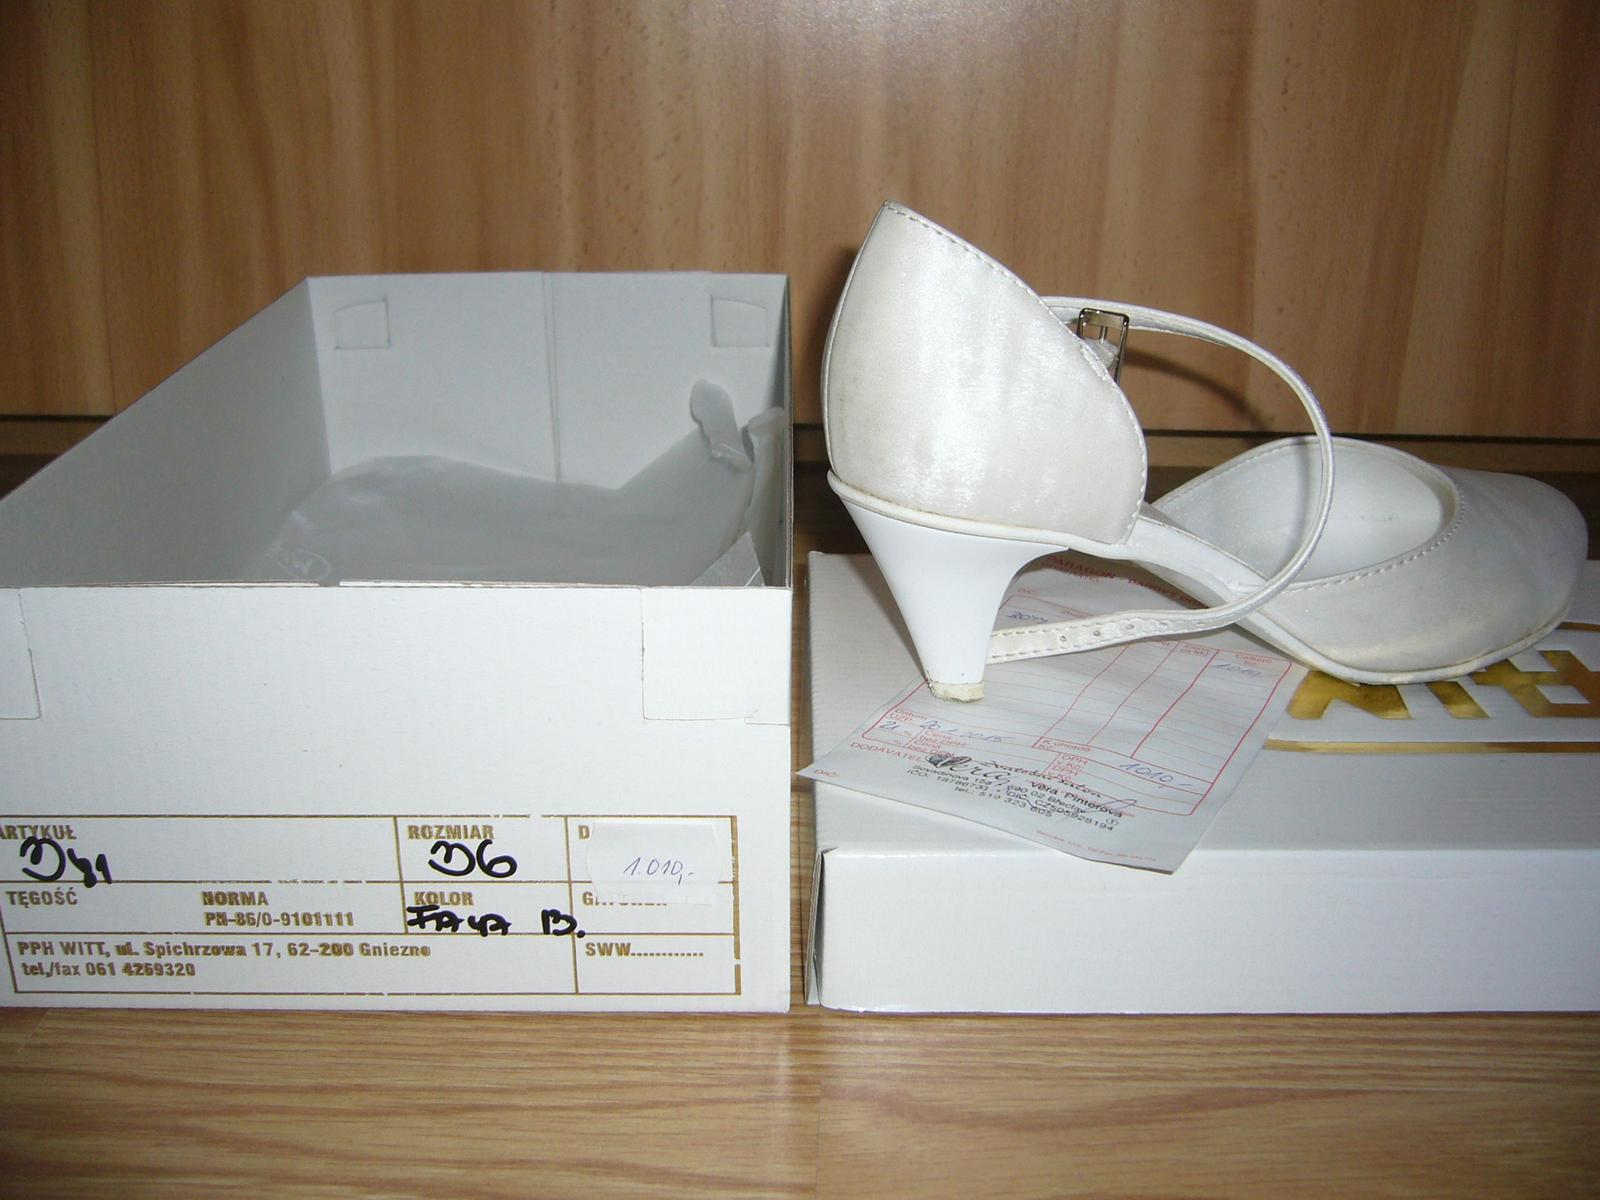 016532a6dc5 Svatební boty značky witt